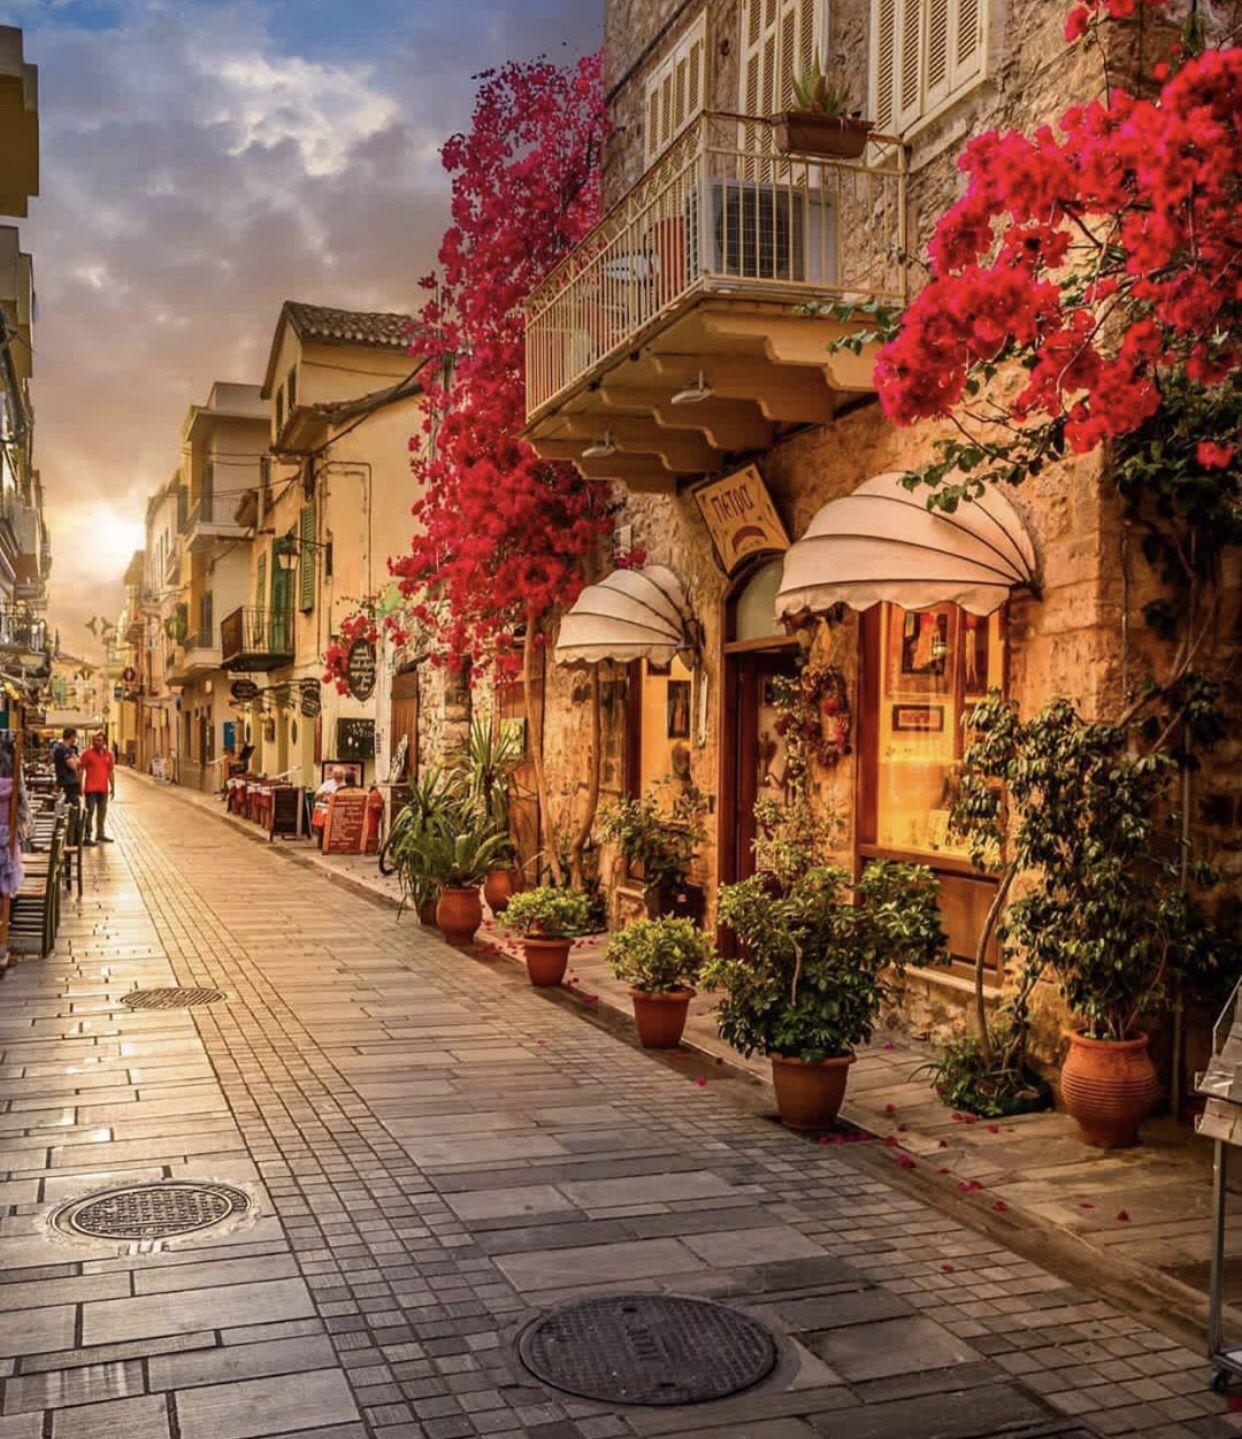 ᴘɪɴʙʀɪᴇʟʟᴇsᴏᴘʜɪᴇ Wonderful places, Beautiful places